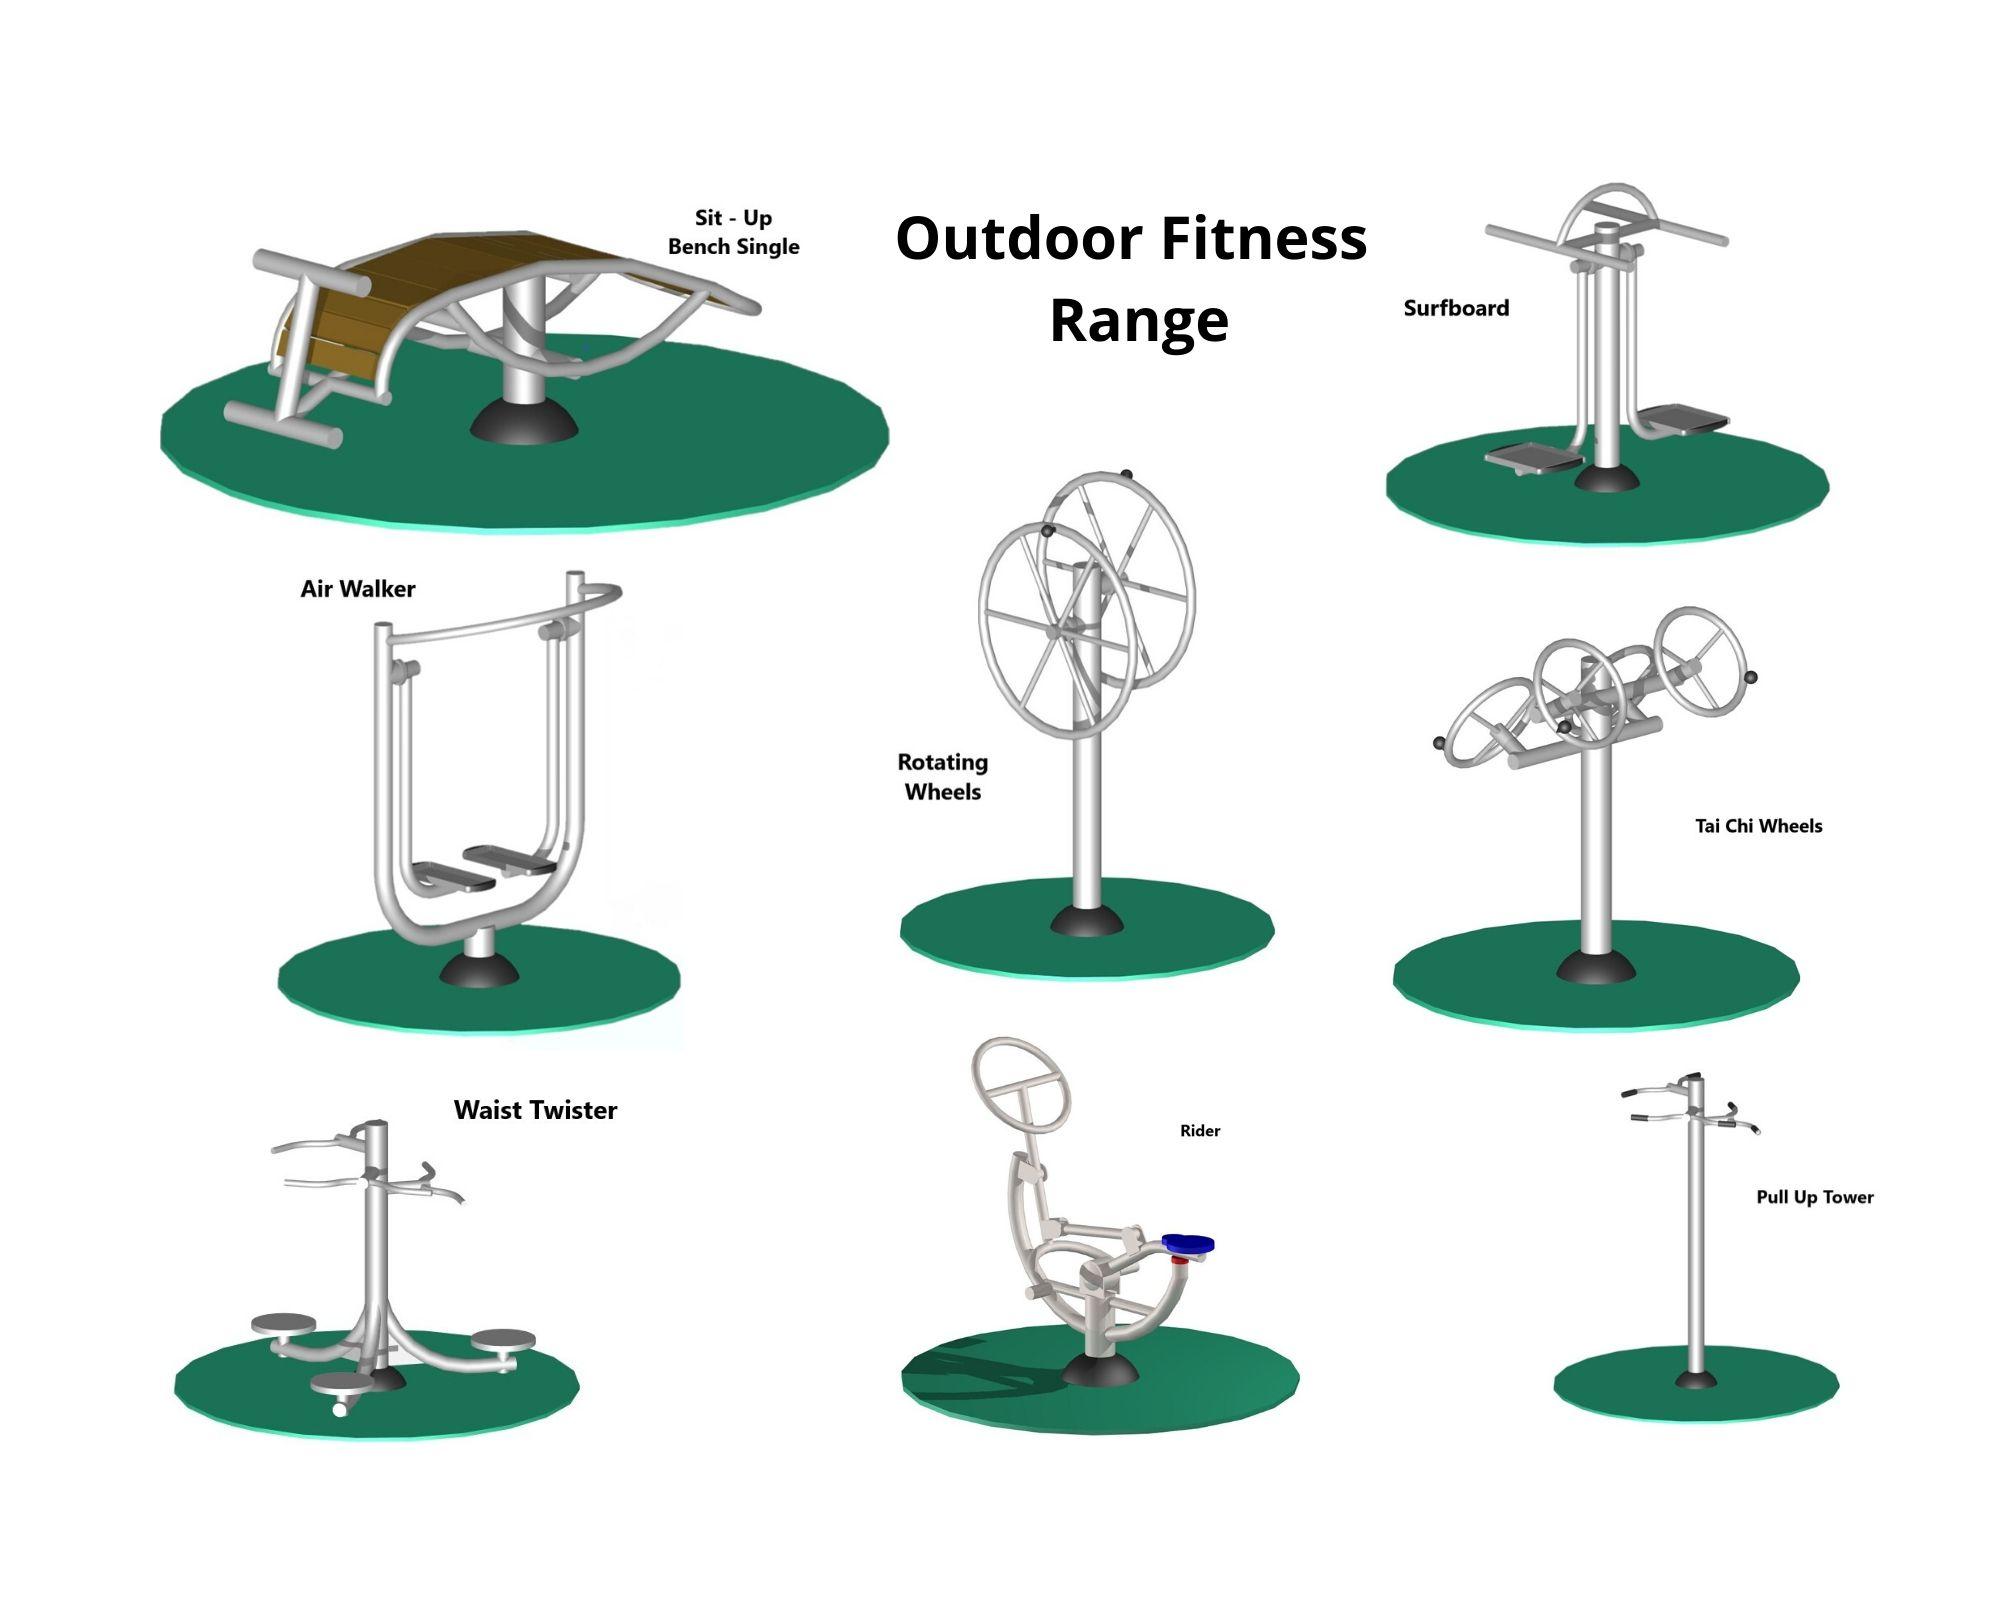 Outdoor Fitness Range